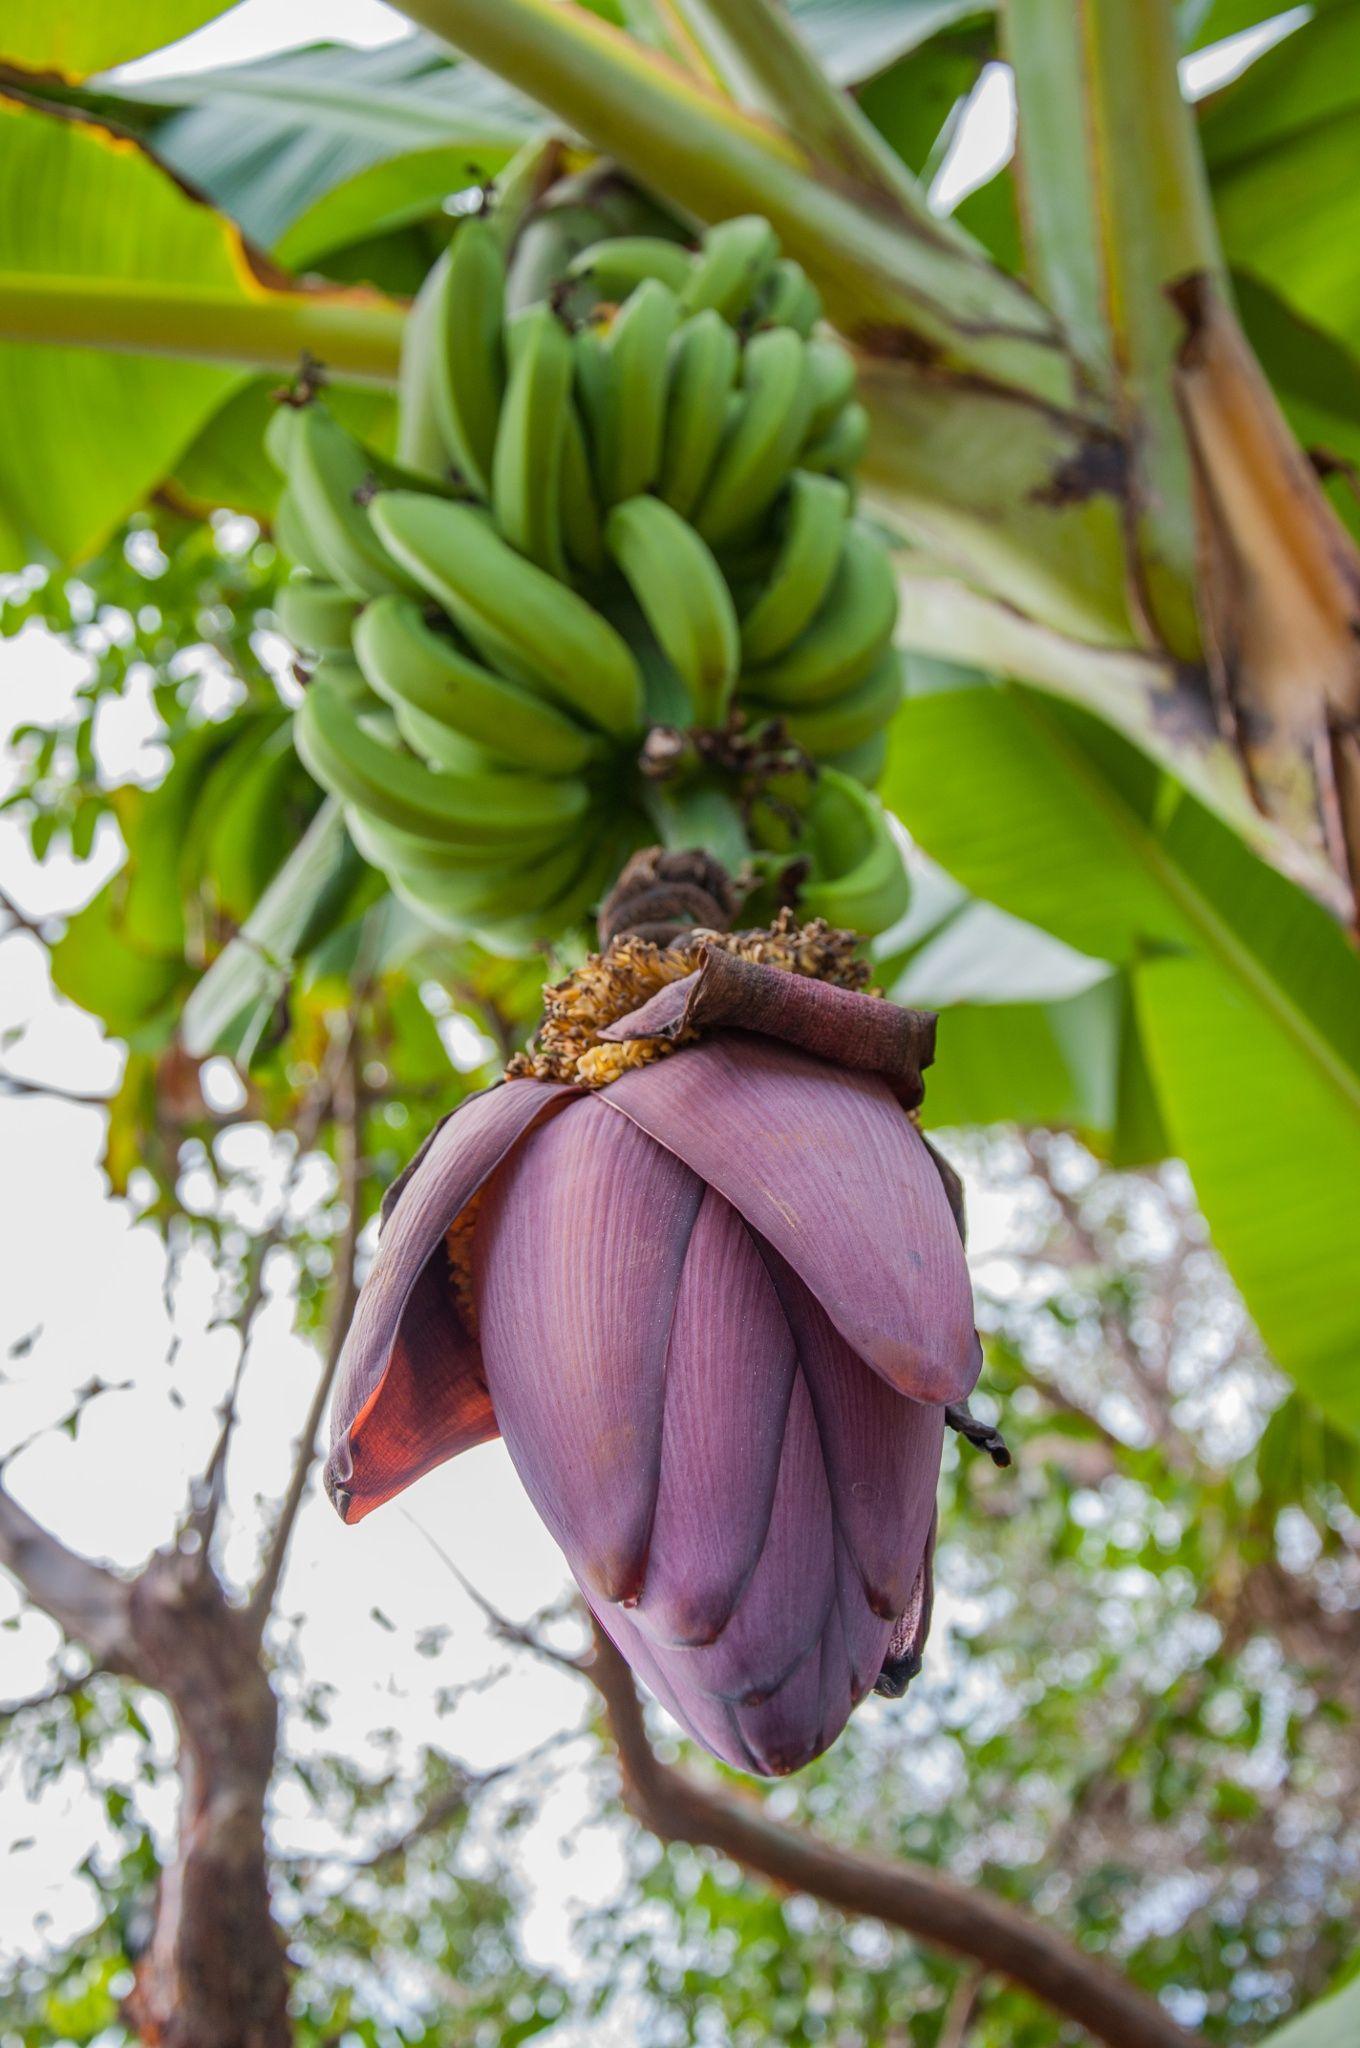 Banana flower by Elena Ivanova